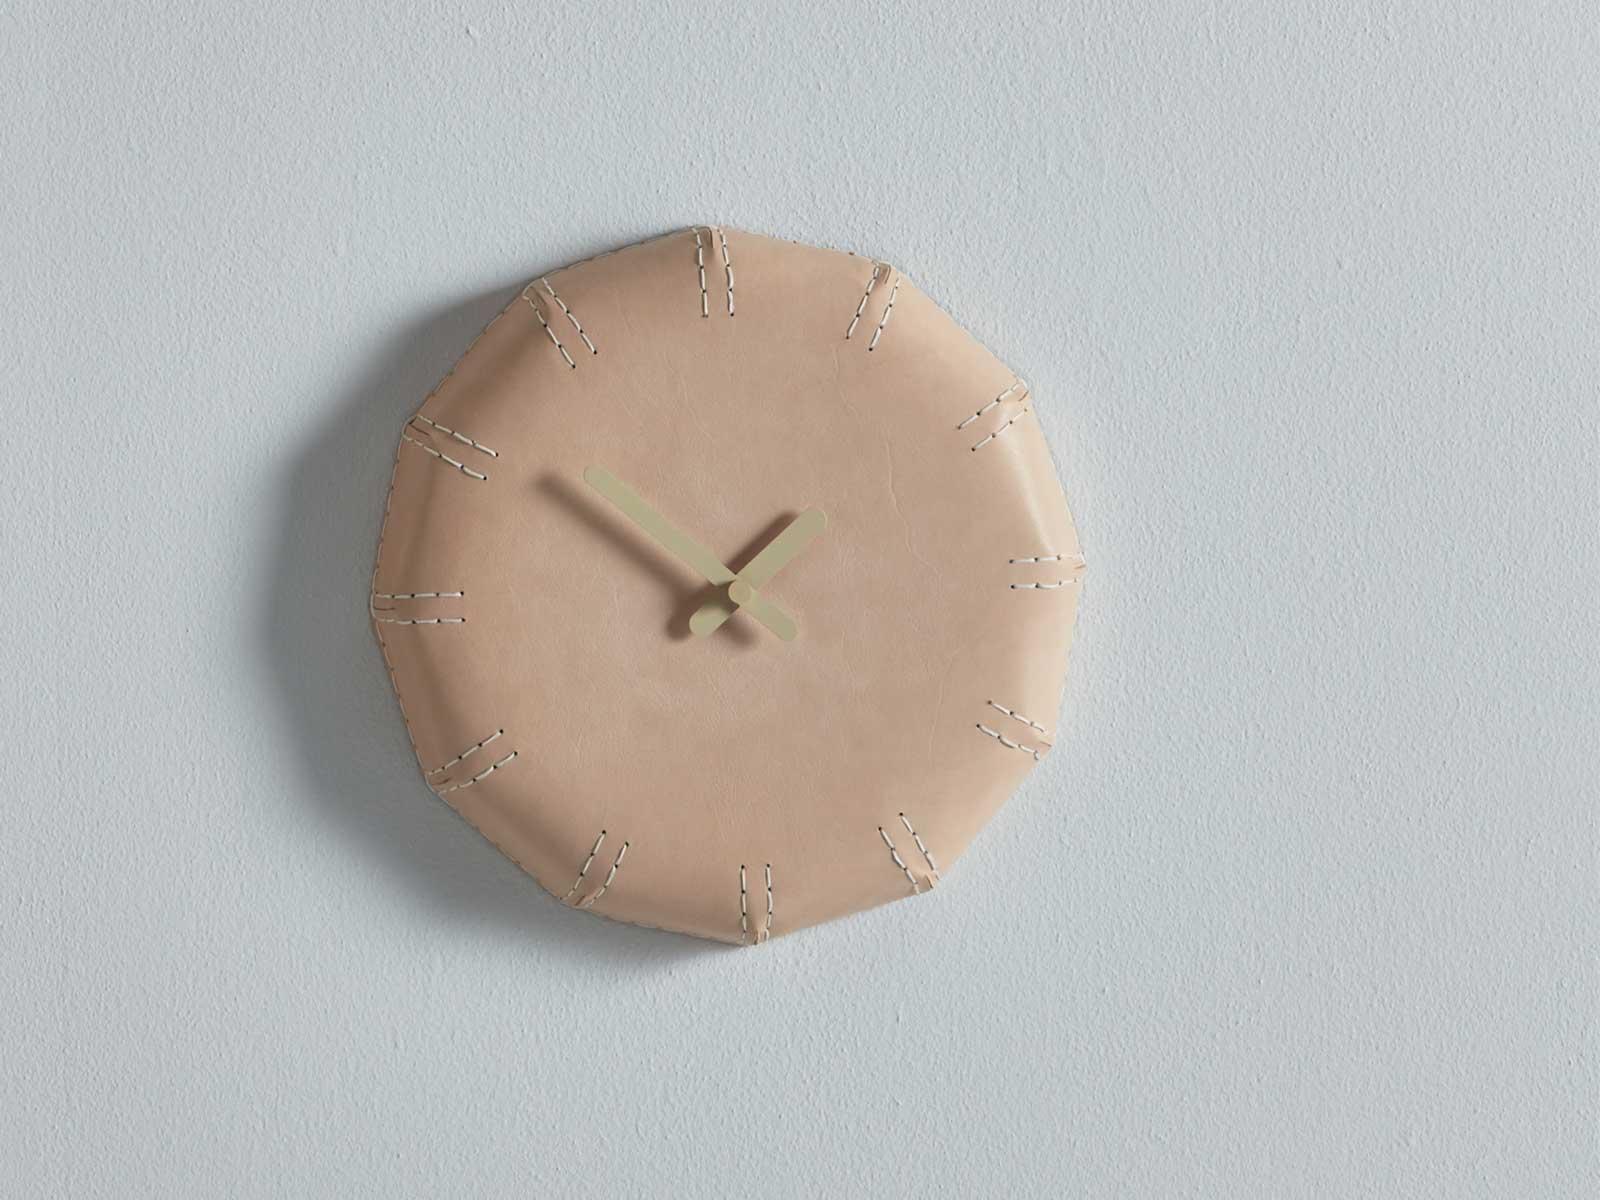 Aftelklok de klok is speciaal gemaakt voor een modelbouw vlieg